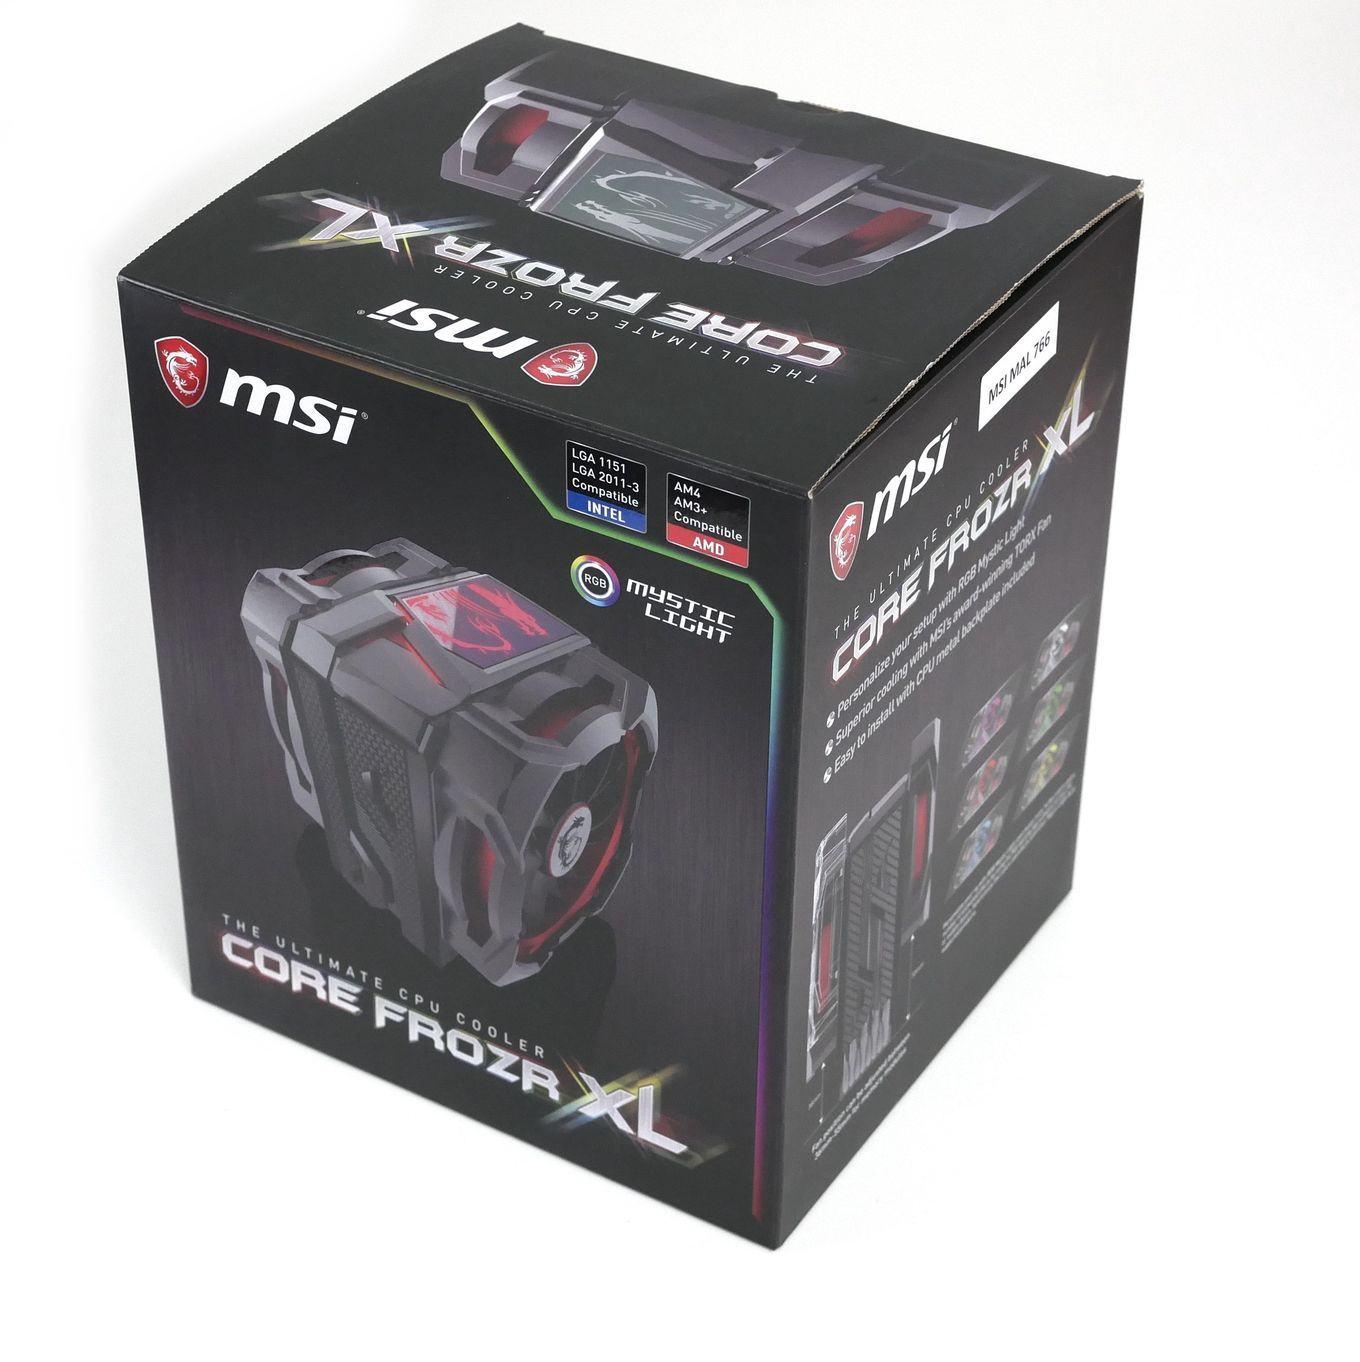 MSI Core Frozr XL im Test - größer = besser? - Hardwareluxx